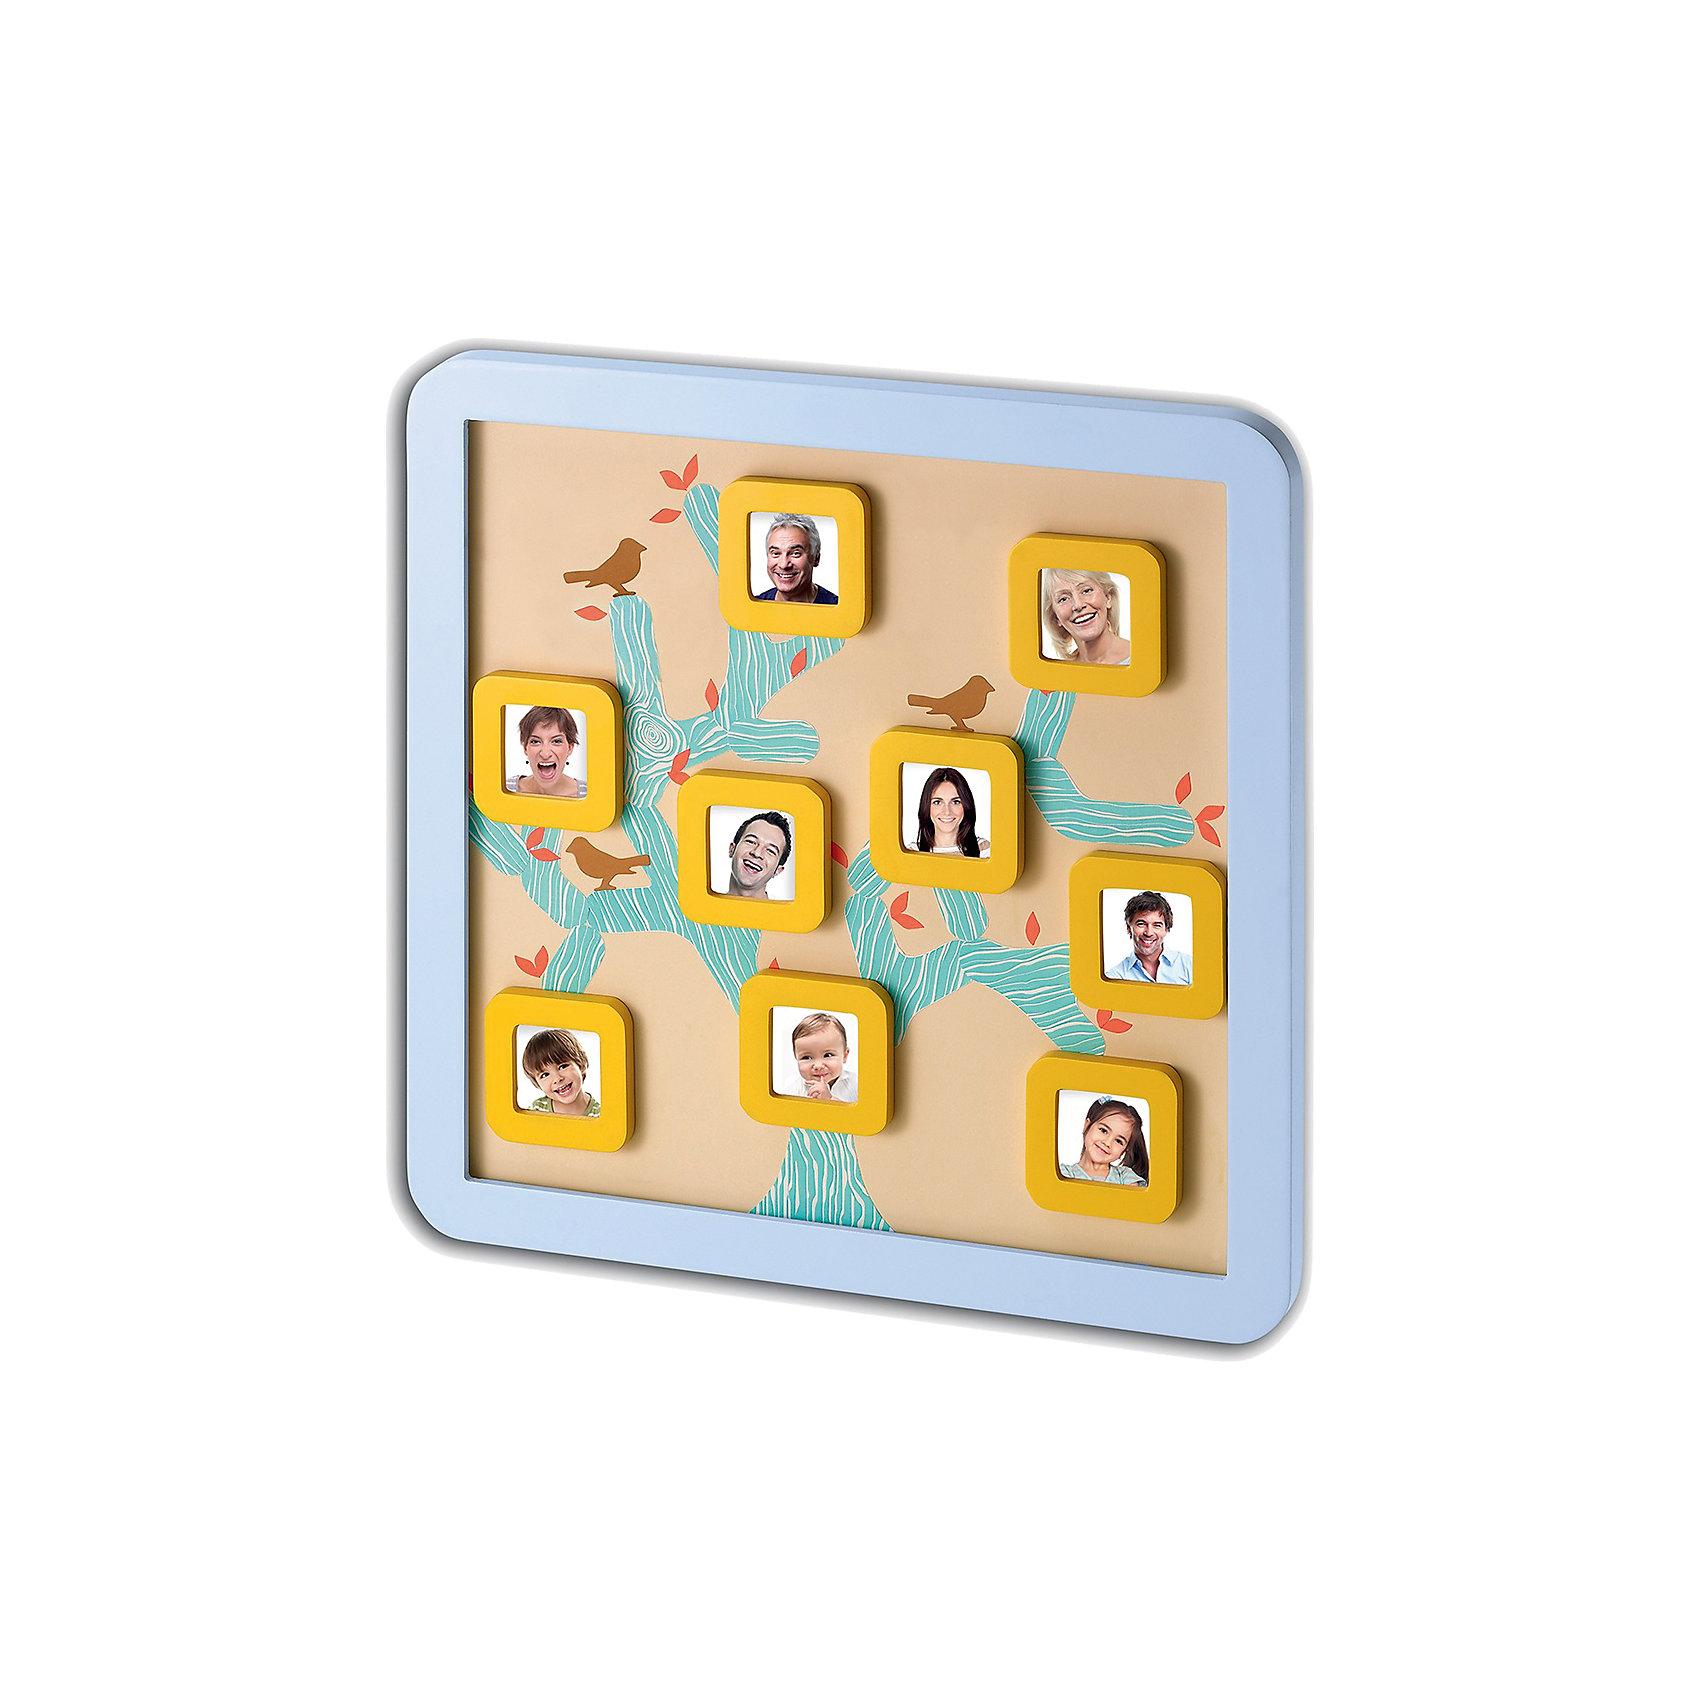 Магнитная доска Семейной дерево, Baby ArtДетские предметы интерьера<br>Сделать семейное дерево своими руками вам поможет набор для творчества Baby Art (Бейби Арт) «Family Tree frame». В квадратные рамочки помещаются миниатюрные фотографии самых дорогих членов семьи. На доске размещаются фото в магнитных рамочках, между ними клеятся ветви семейного древа, которые связывают членов семьи. <br><br>Комплектация набора Baby Art:<br>• магнитная фоторамка Family Tree frame;<br>• 9 магнитных фоторамочек;<br>• лист с наклейками;<br>• инструкция.<br>Магнитную доску Семейное дерево, Baby Art можно купить в нашем интернет-магазине.<br><br>Ширина мм: 370<br>Глубина мм: 30<br>Высота мм: 370<br>Вес г: 1420<br>Возраст от месяцев: 0<br>Возраст до месяцев: 84<br>Пол: Унисекс<br>Возраст: Детский<br>SKU: 4986121